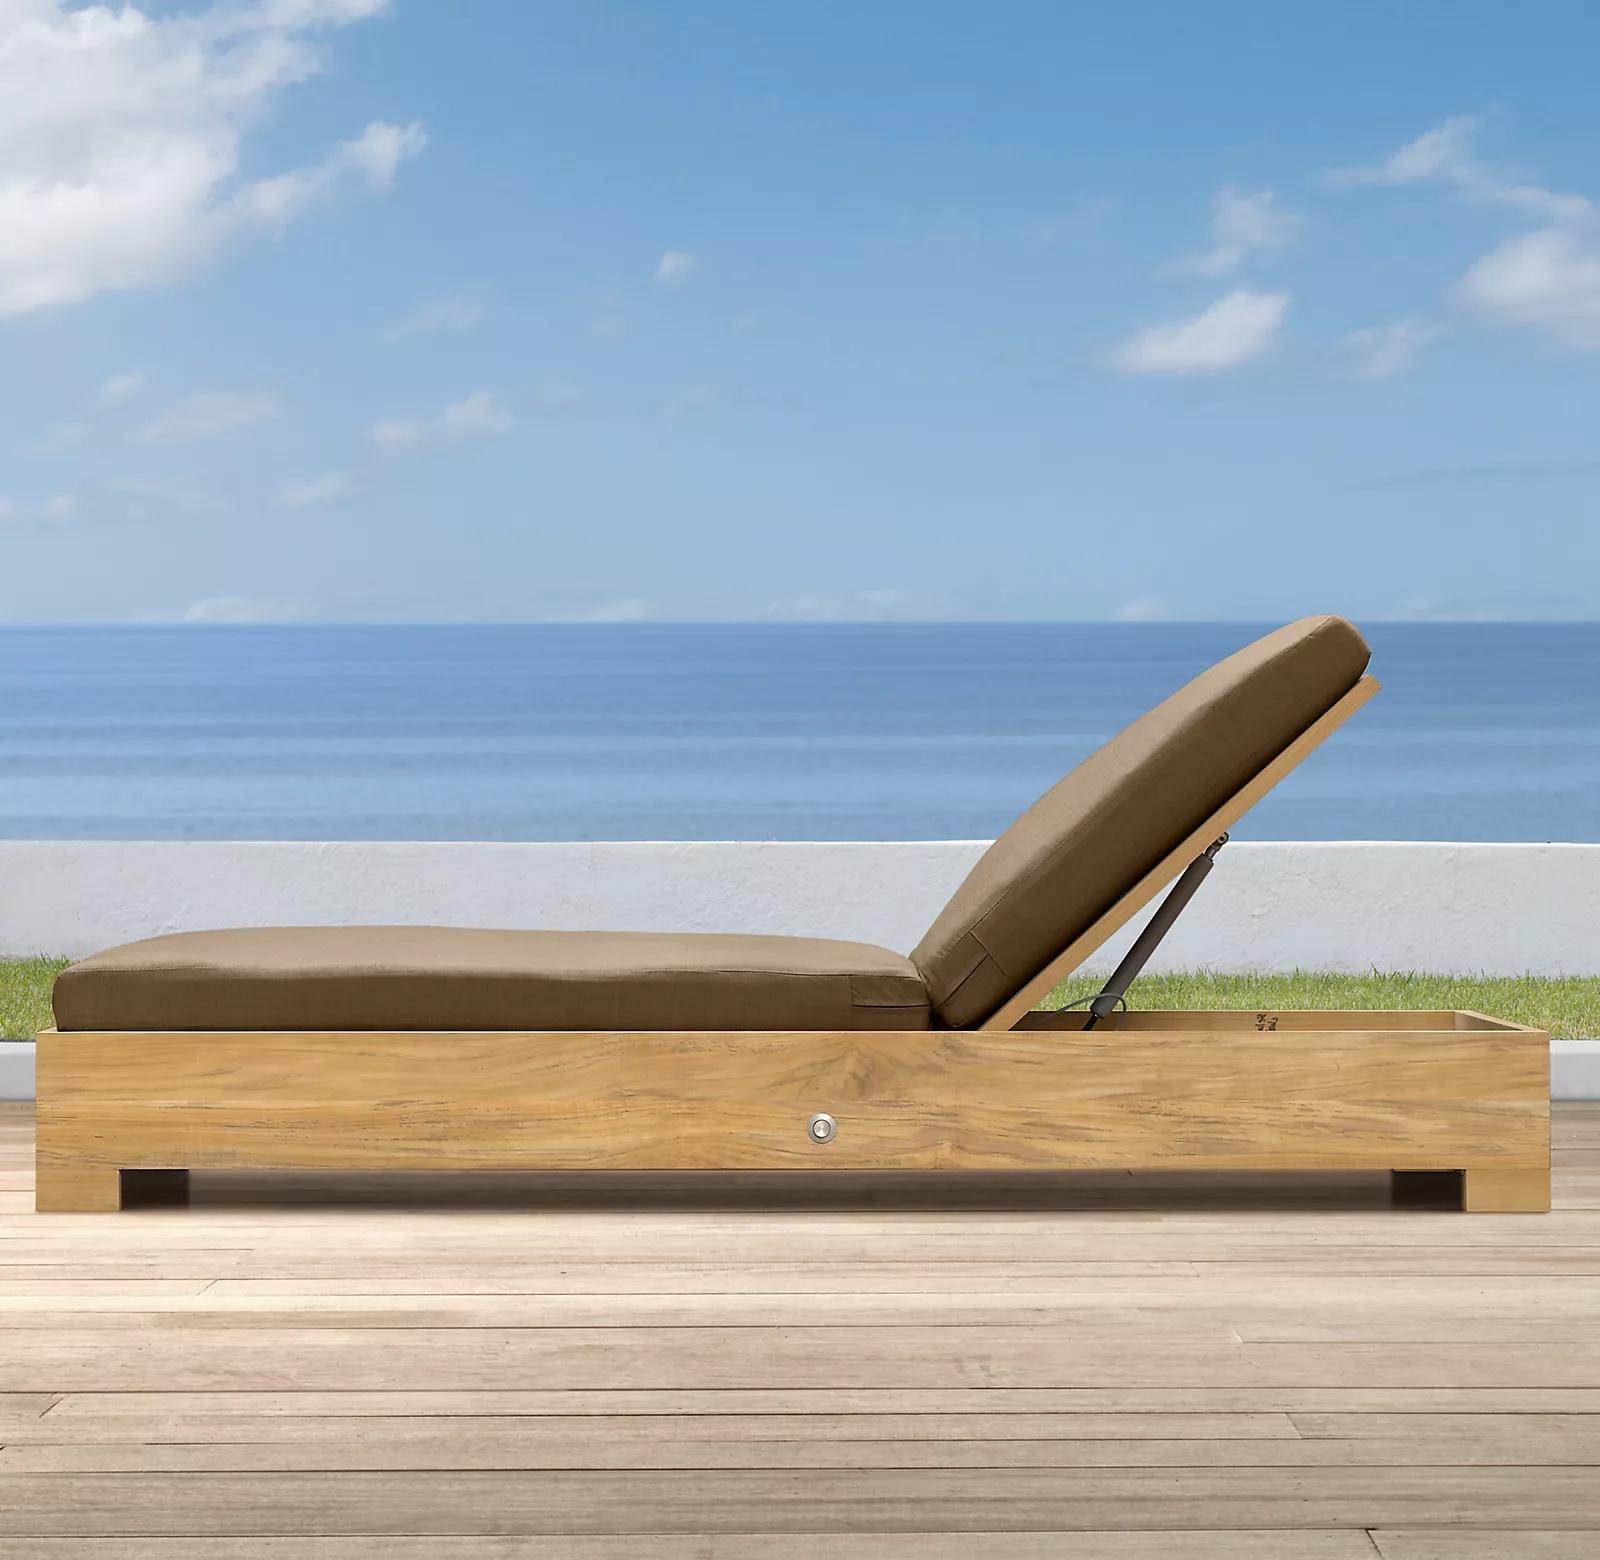 Популярная уличная мебель для сада, новая мебель для бассейна, деревянный шезлонг из тикового дерева